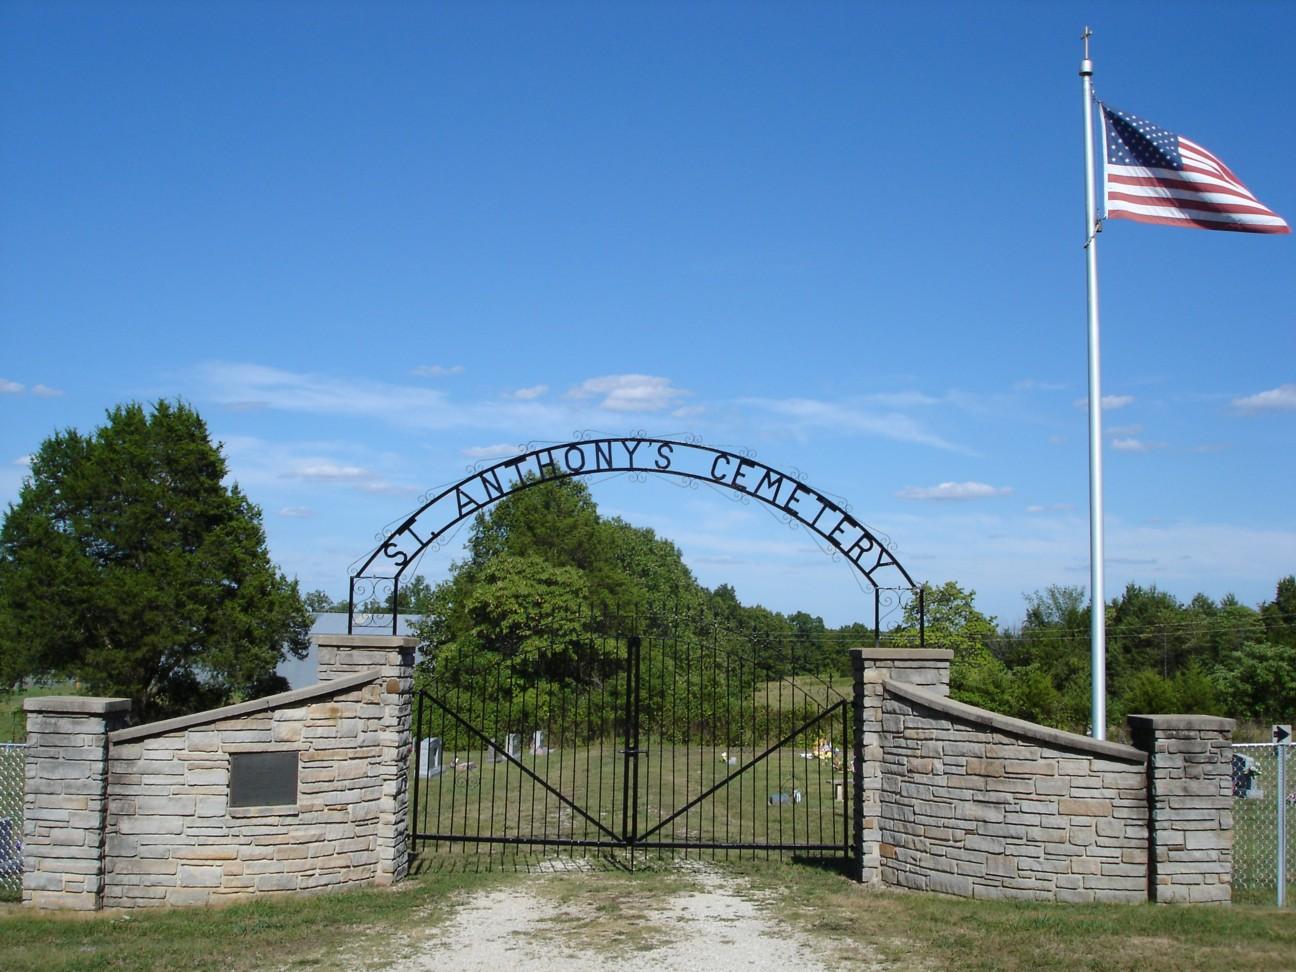 Saint Anthony's Cemetery